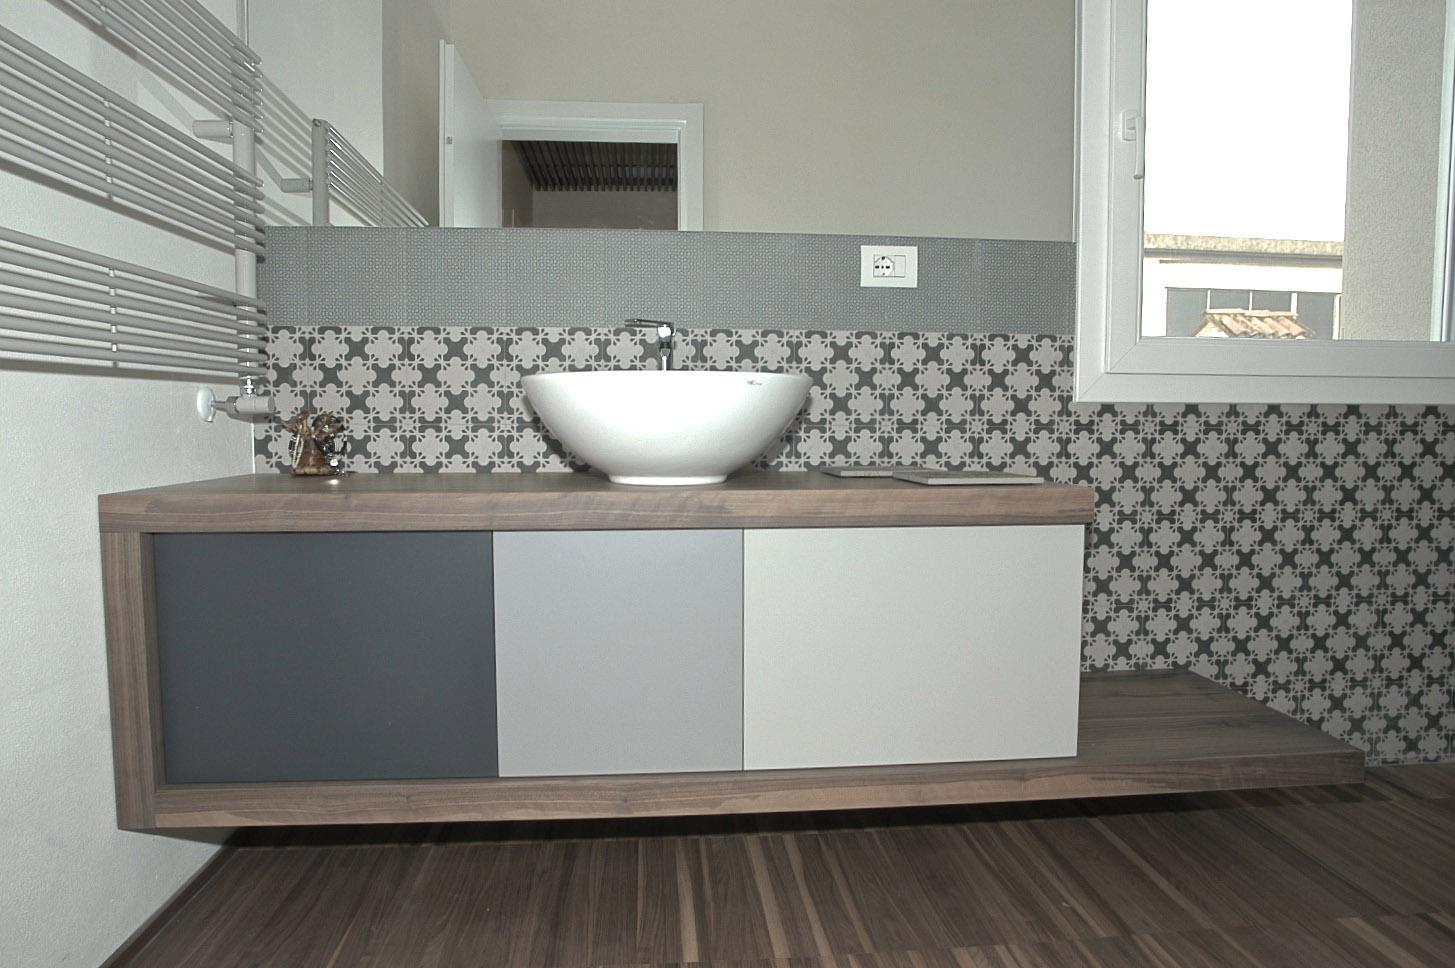 Bettoli arredi e pavimenti bagni bettoli arredi e pavimenti for Mobile bagno legno